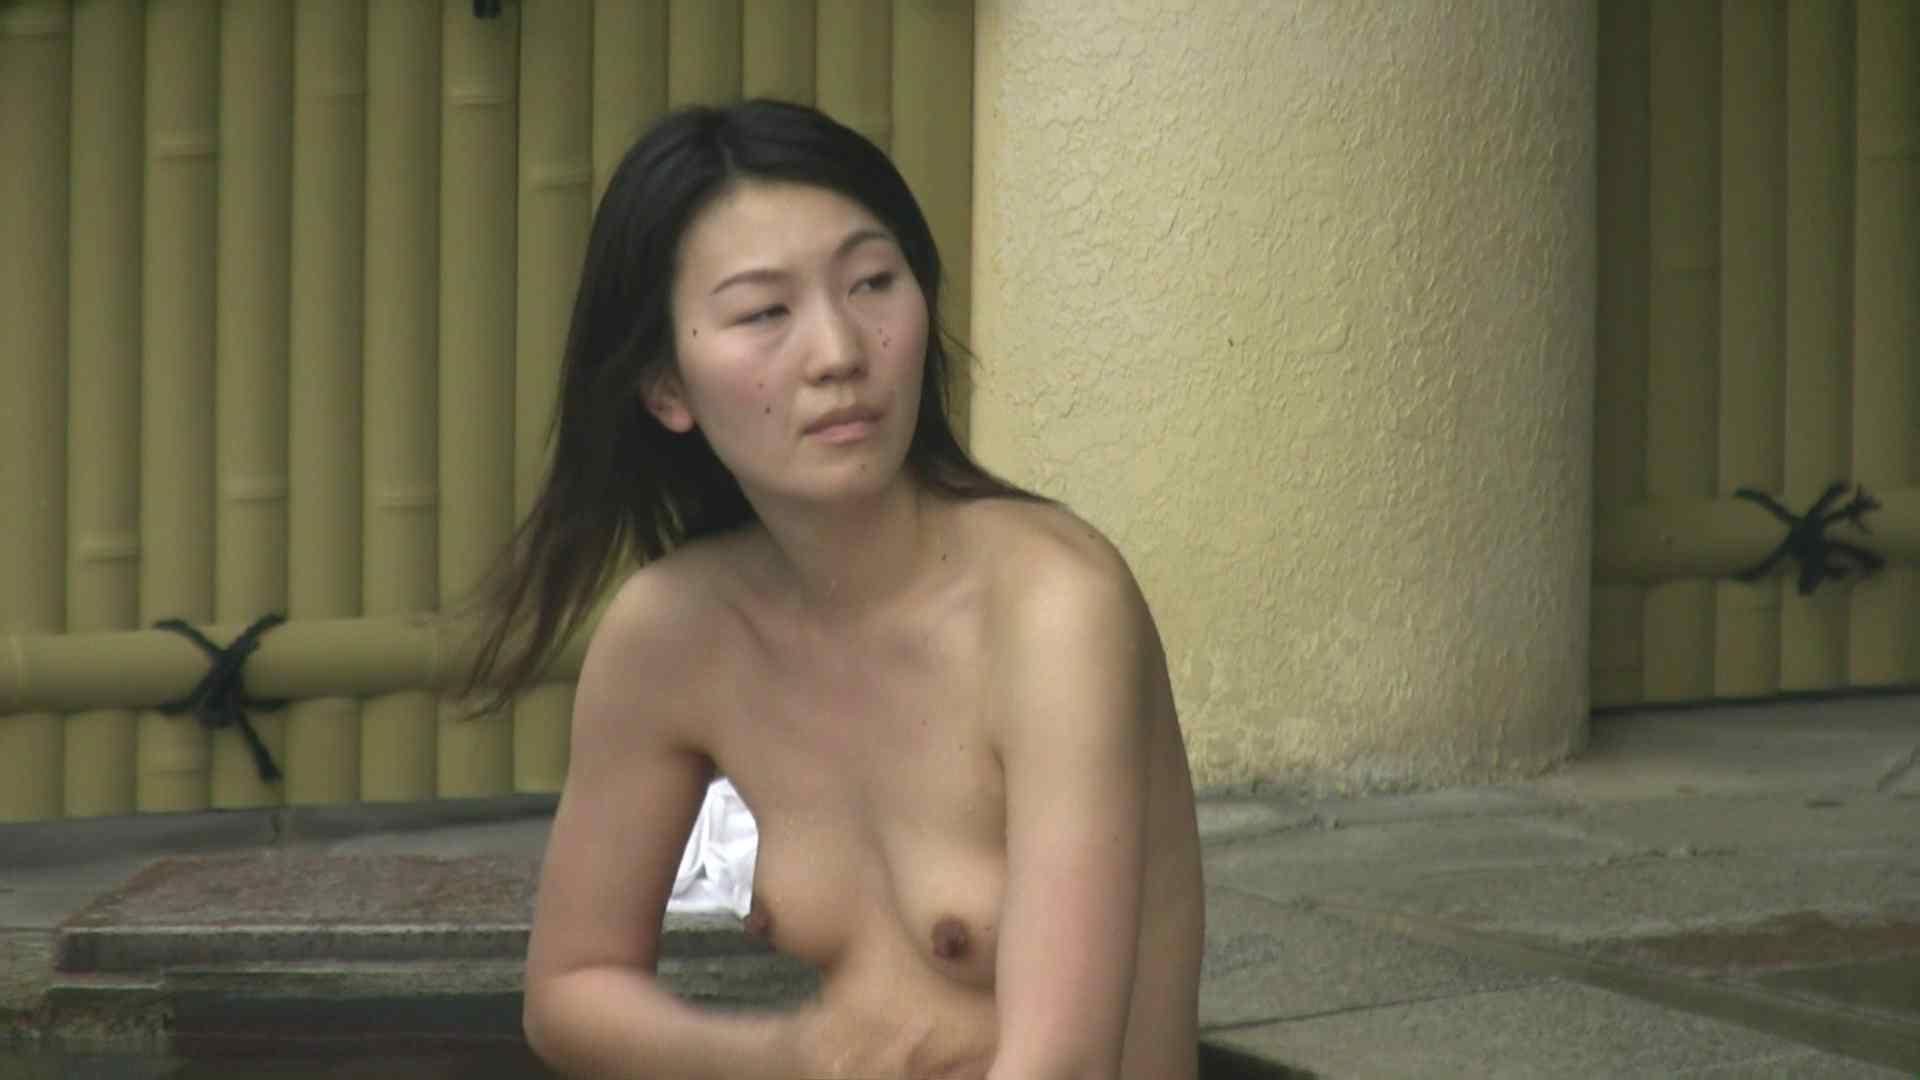 高画質露天女風呂観察 vol.034 入浴 覗きぱこり動画紹介 41連発 34